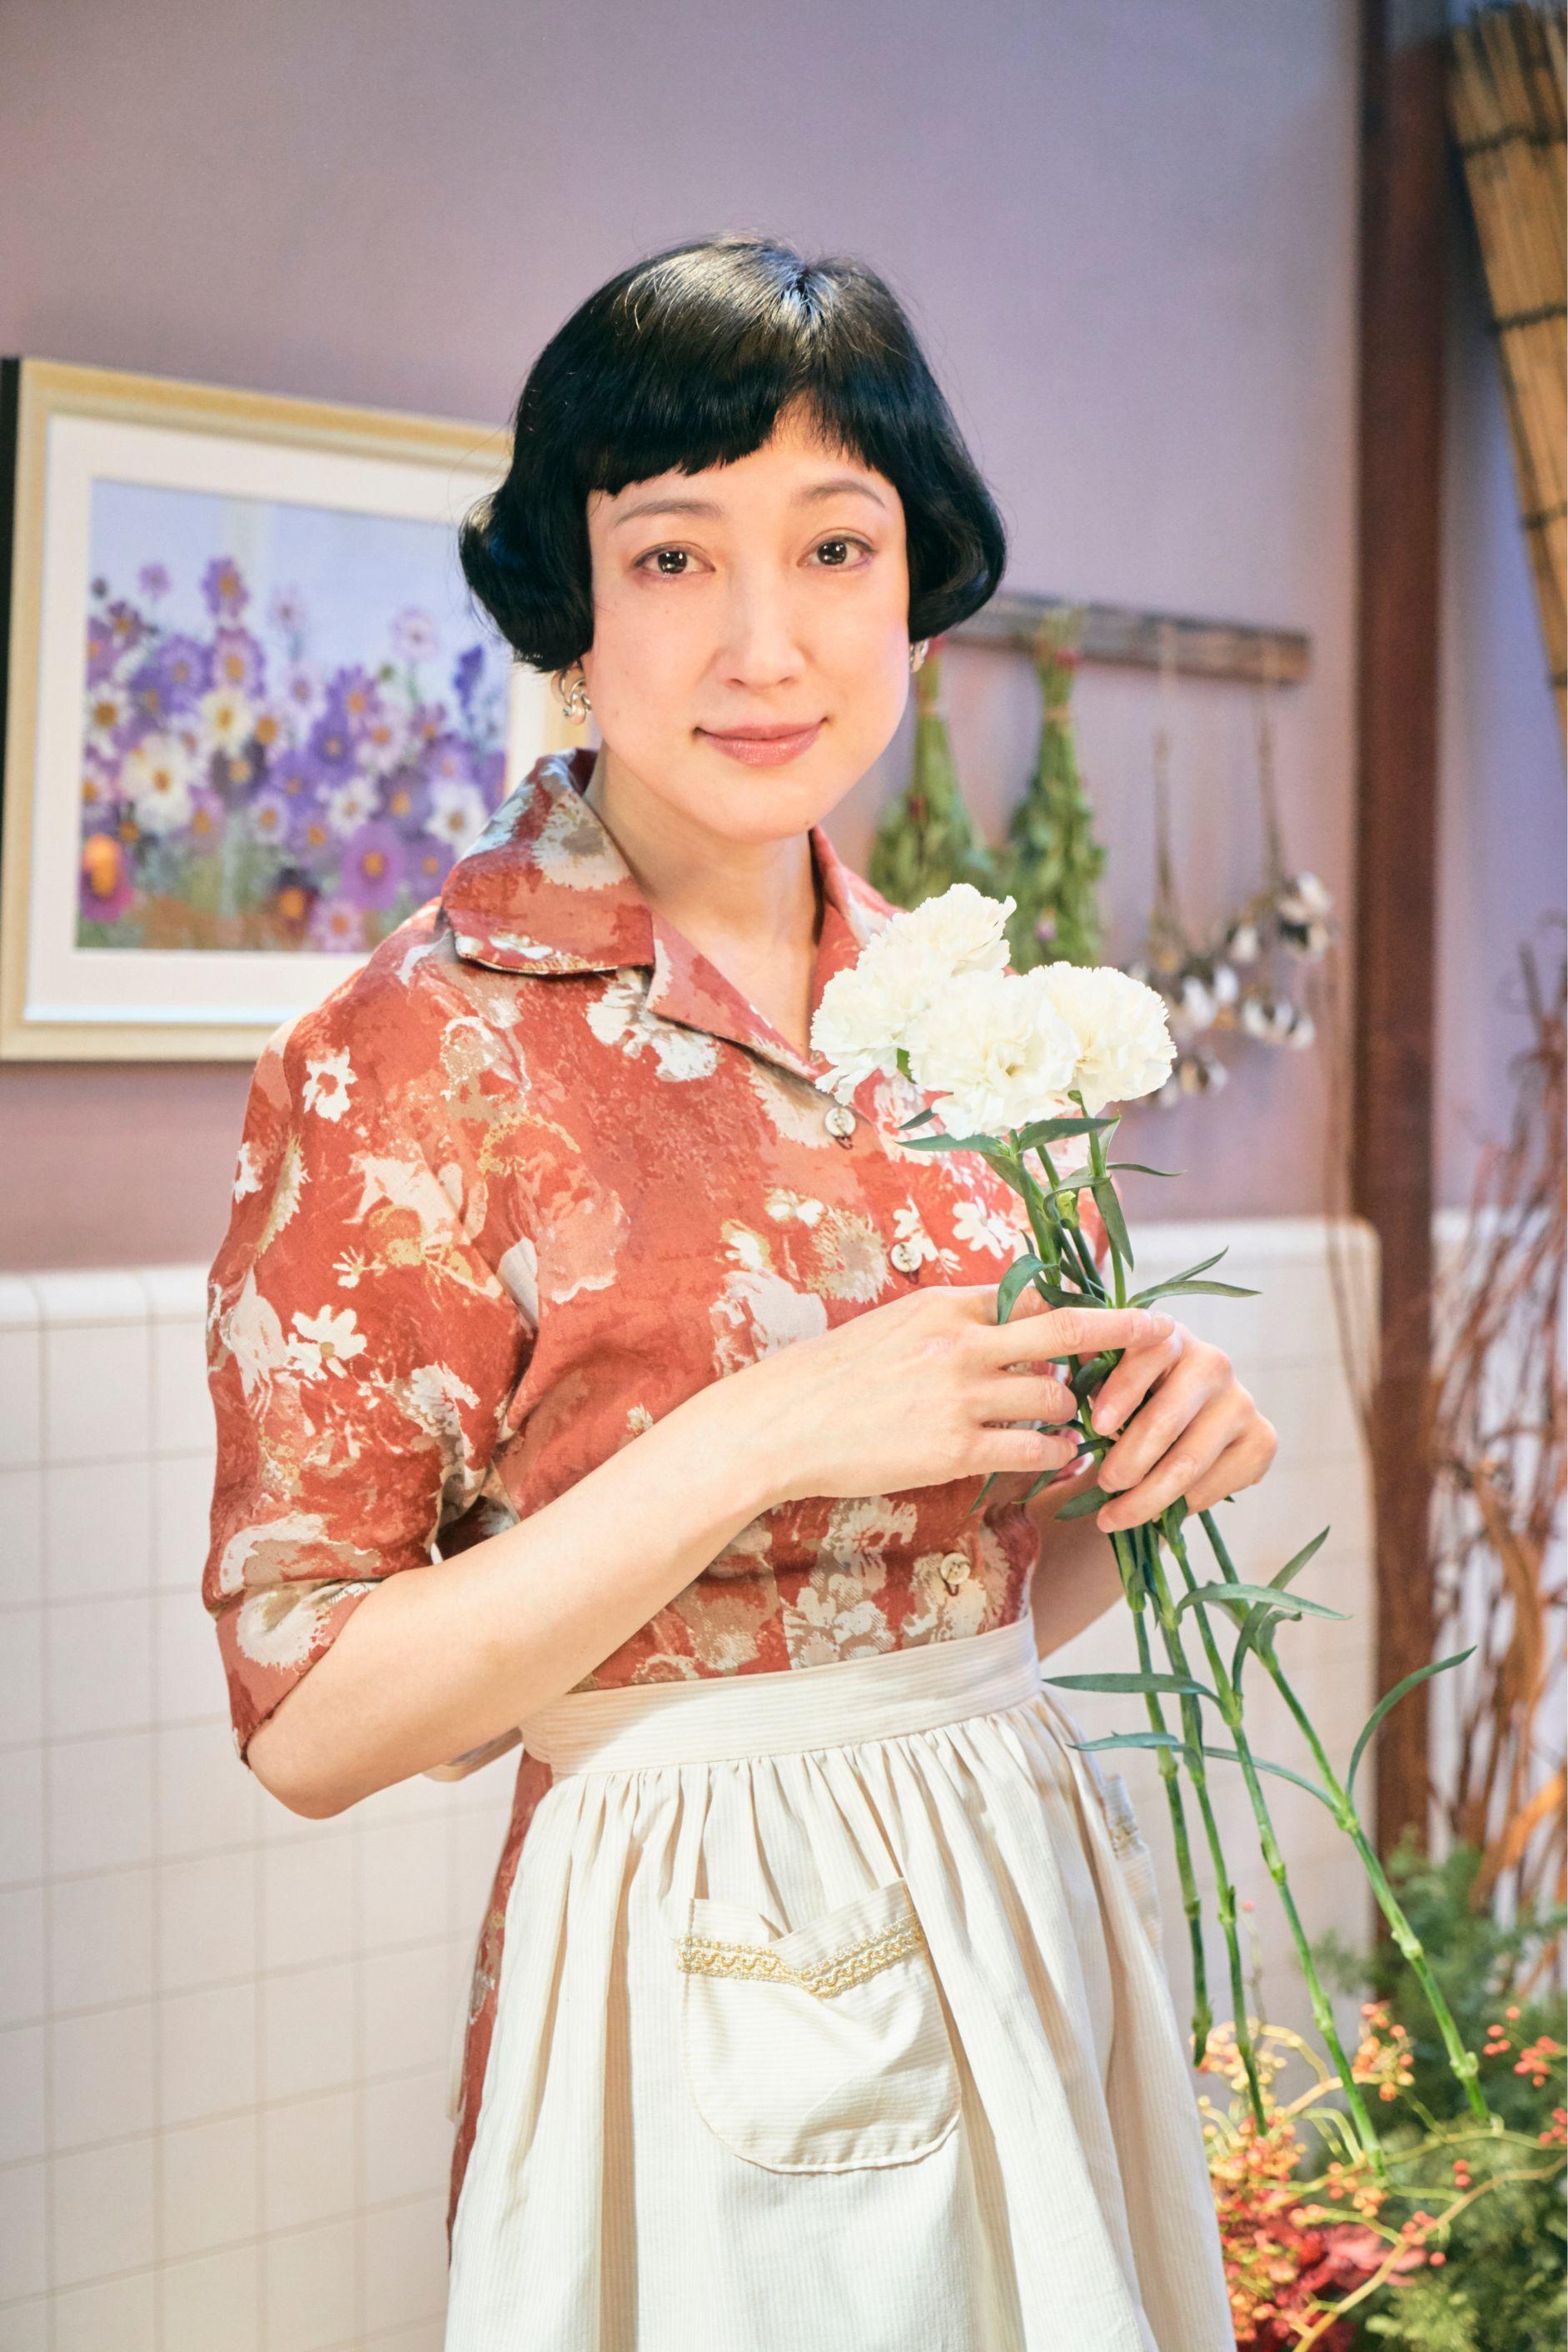 緒川たまき (C)2019『グッドバイ』フィルムパートナーズ